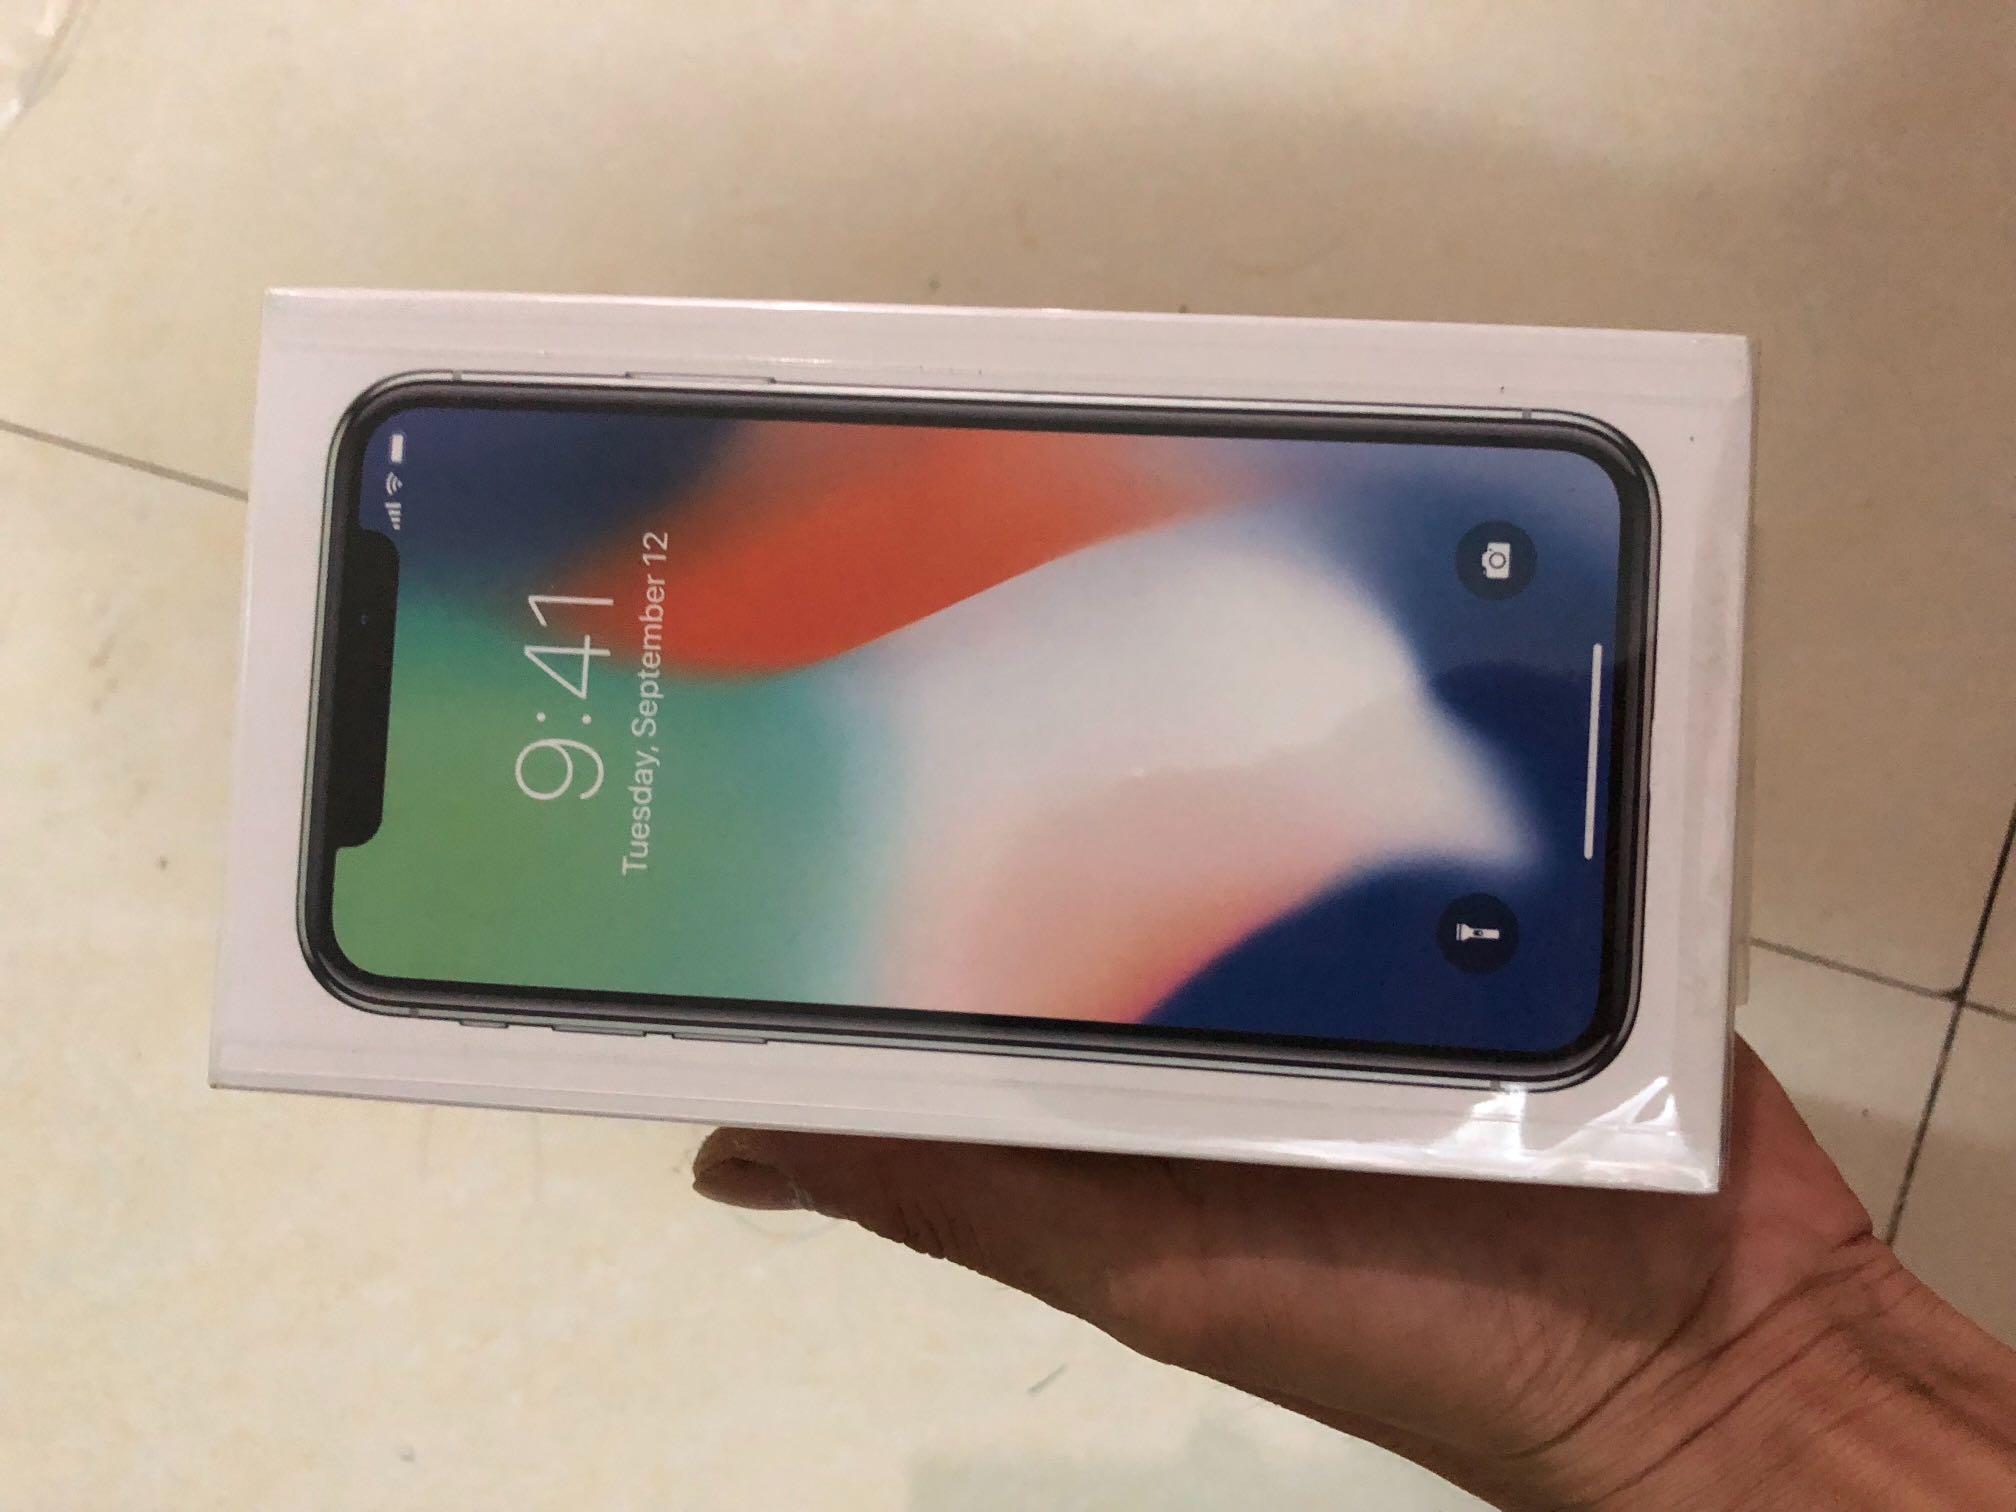 昨天买的崭新的苹果X低价出售